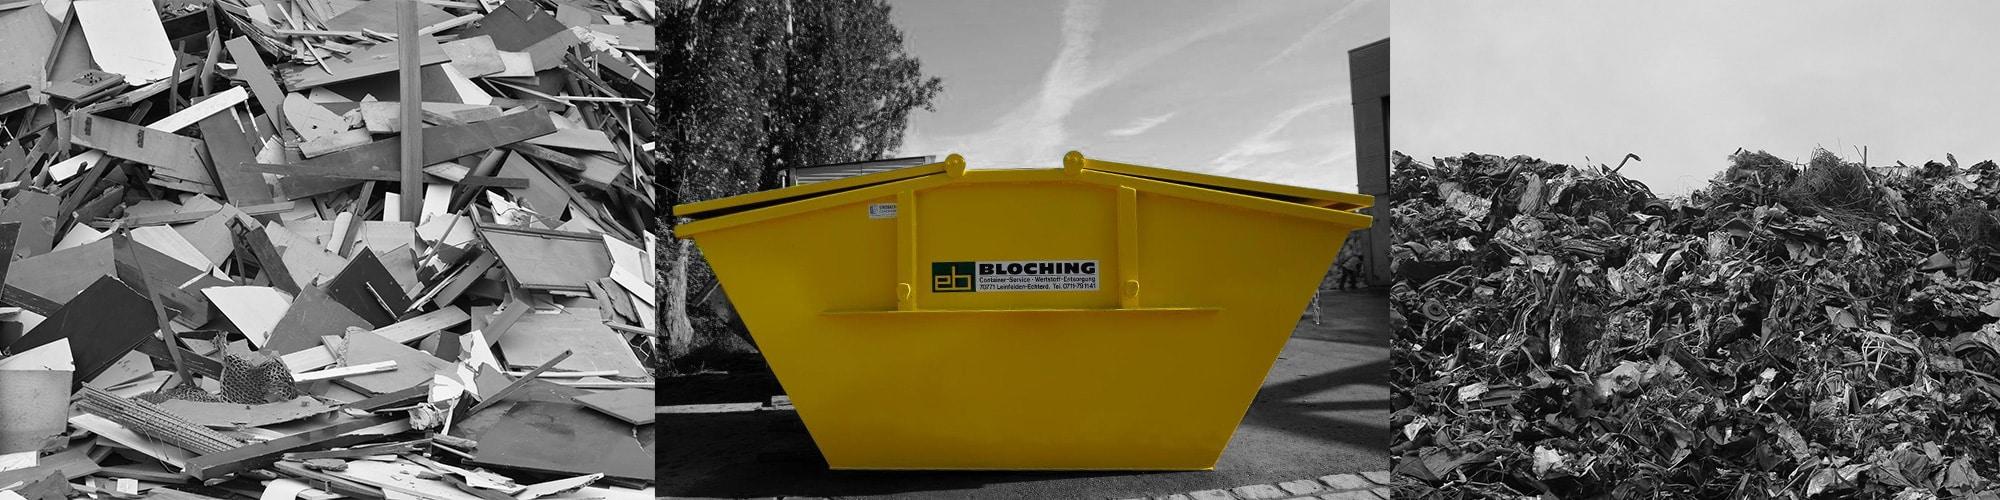 Container für Entsorgung und Recycling von Bloching